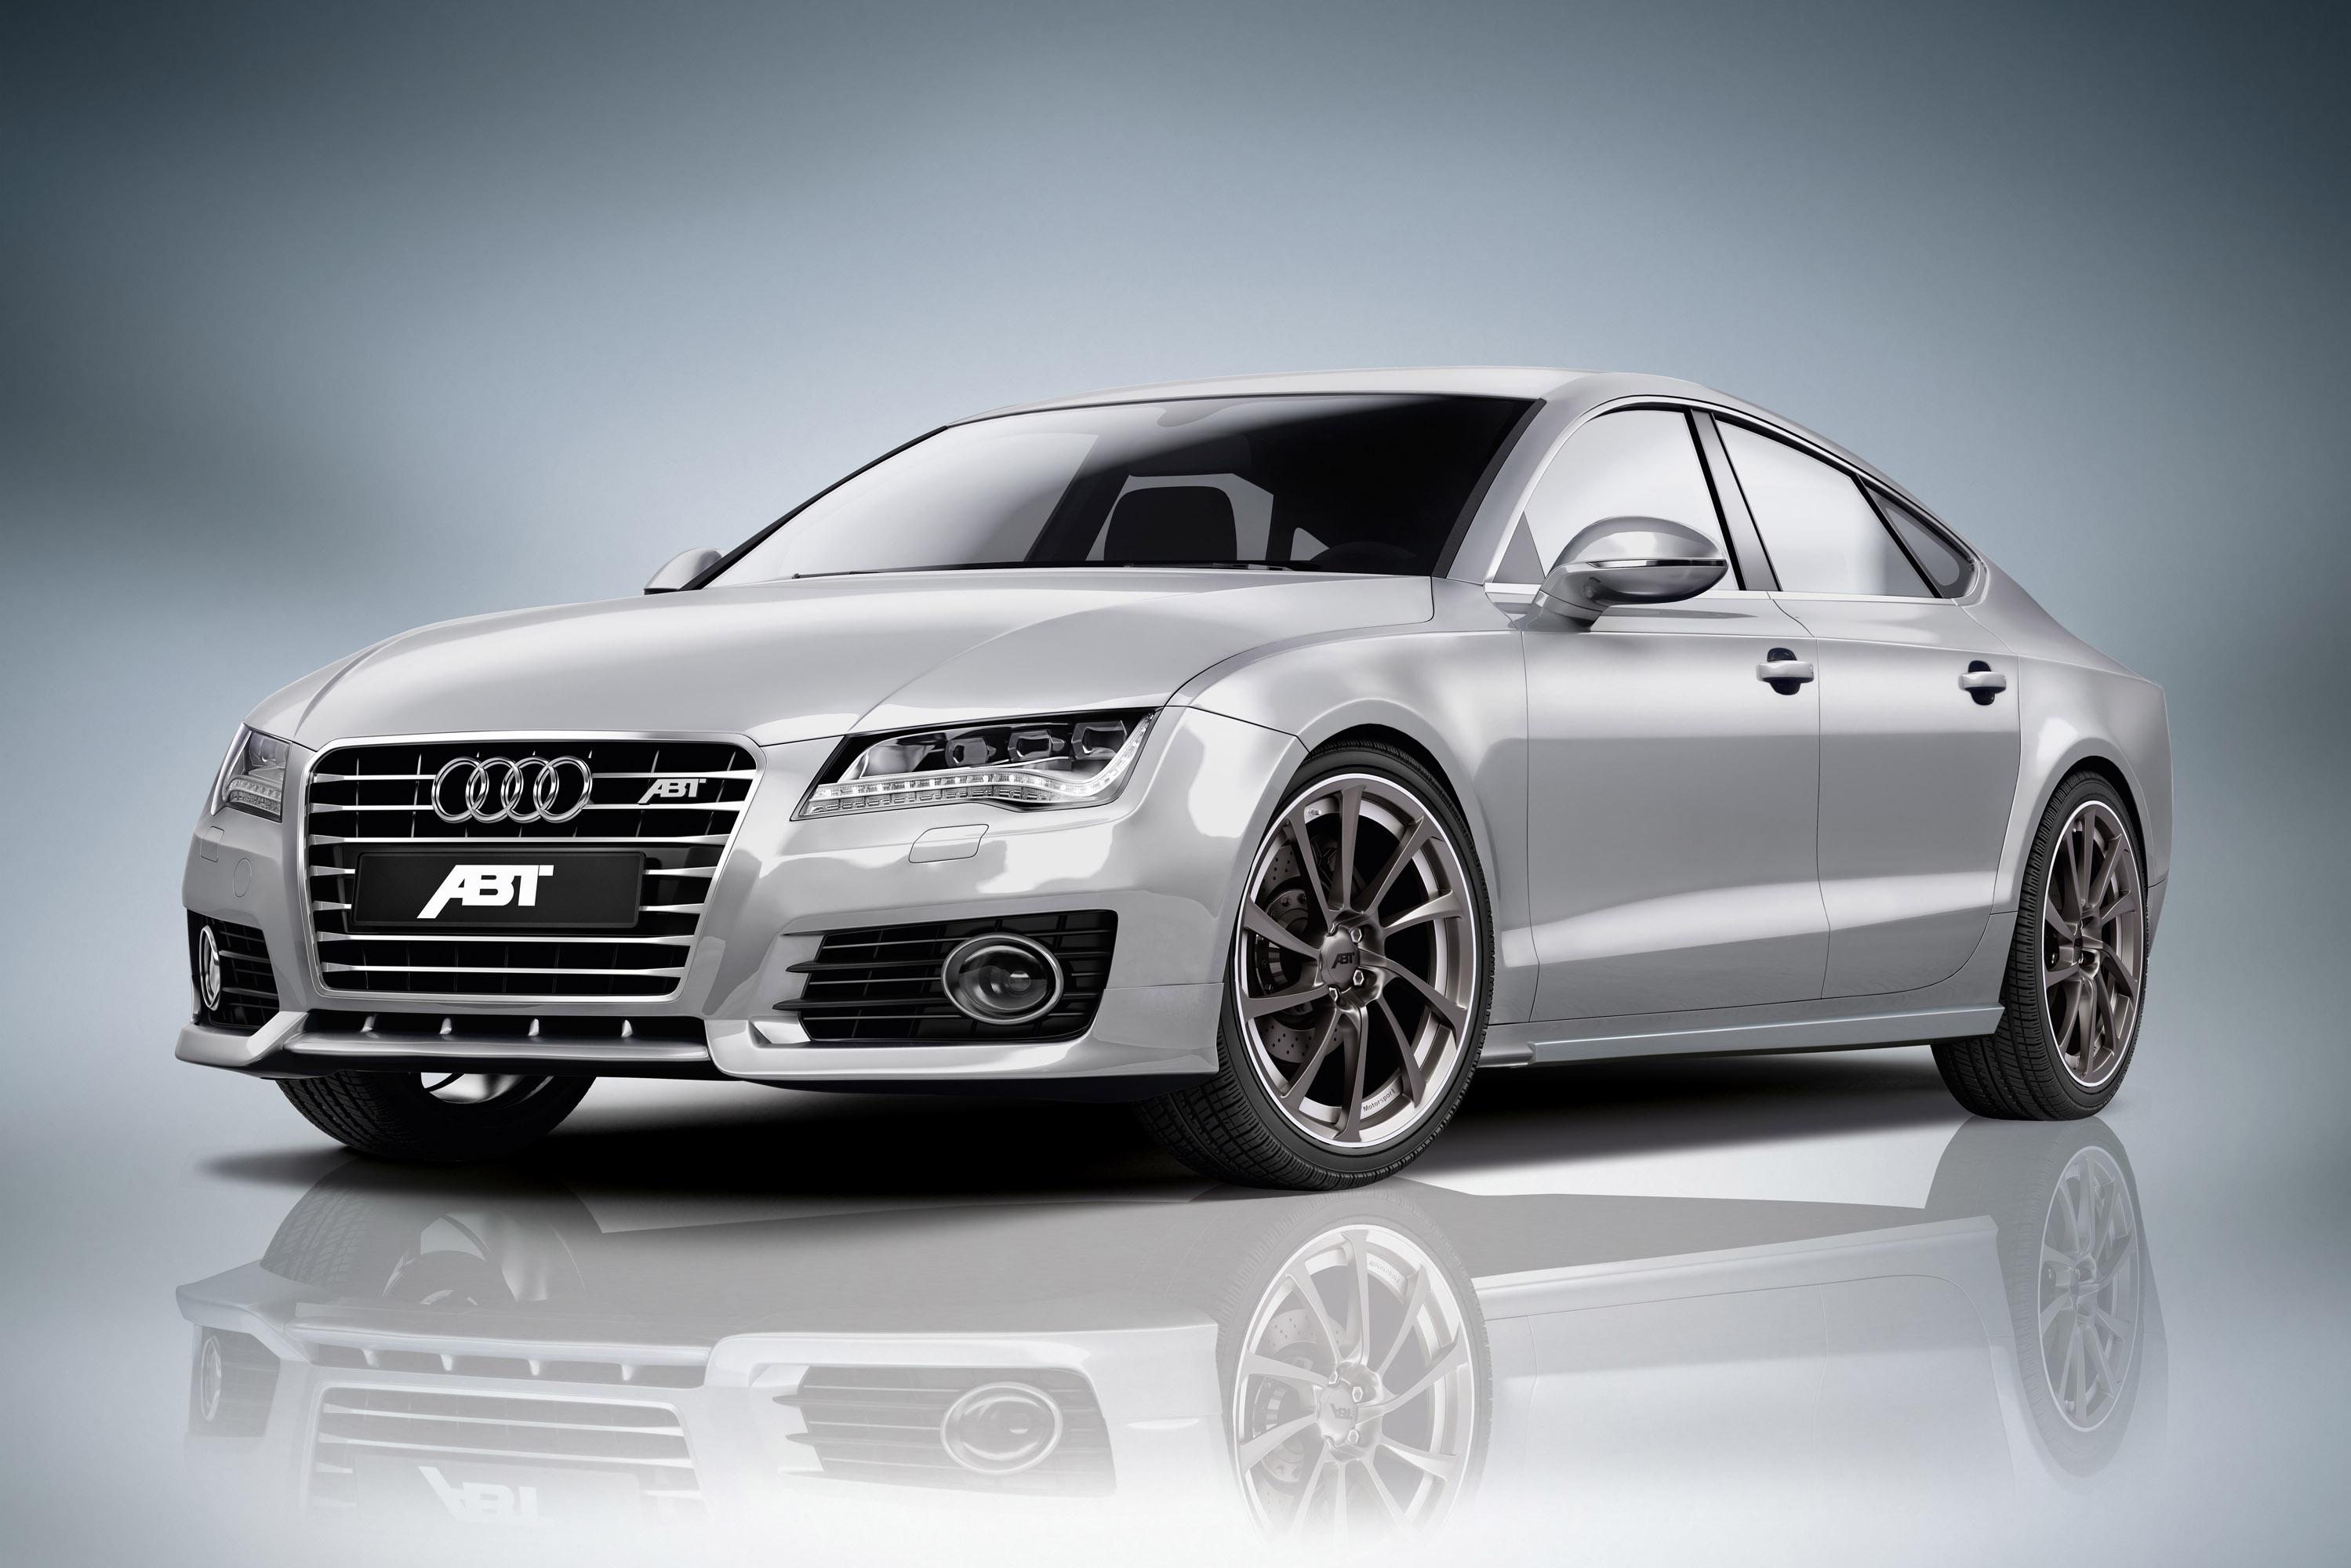 ABT Audi A7 photo #1